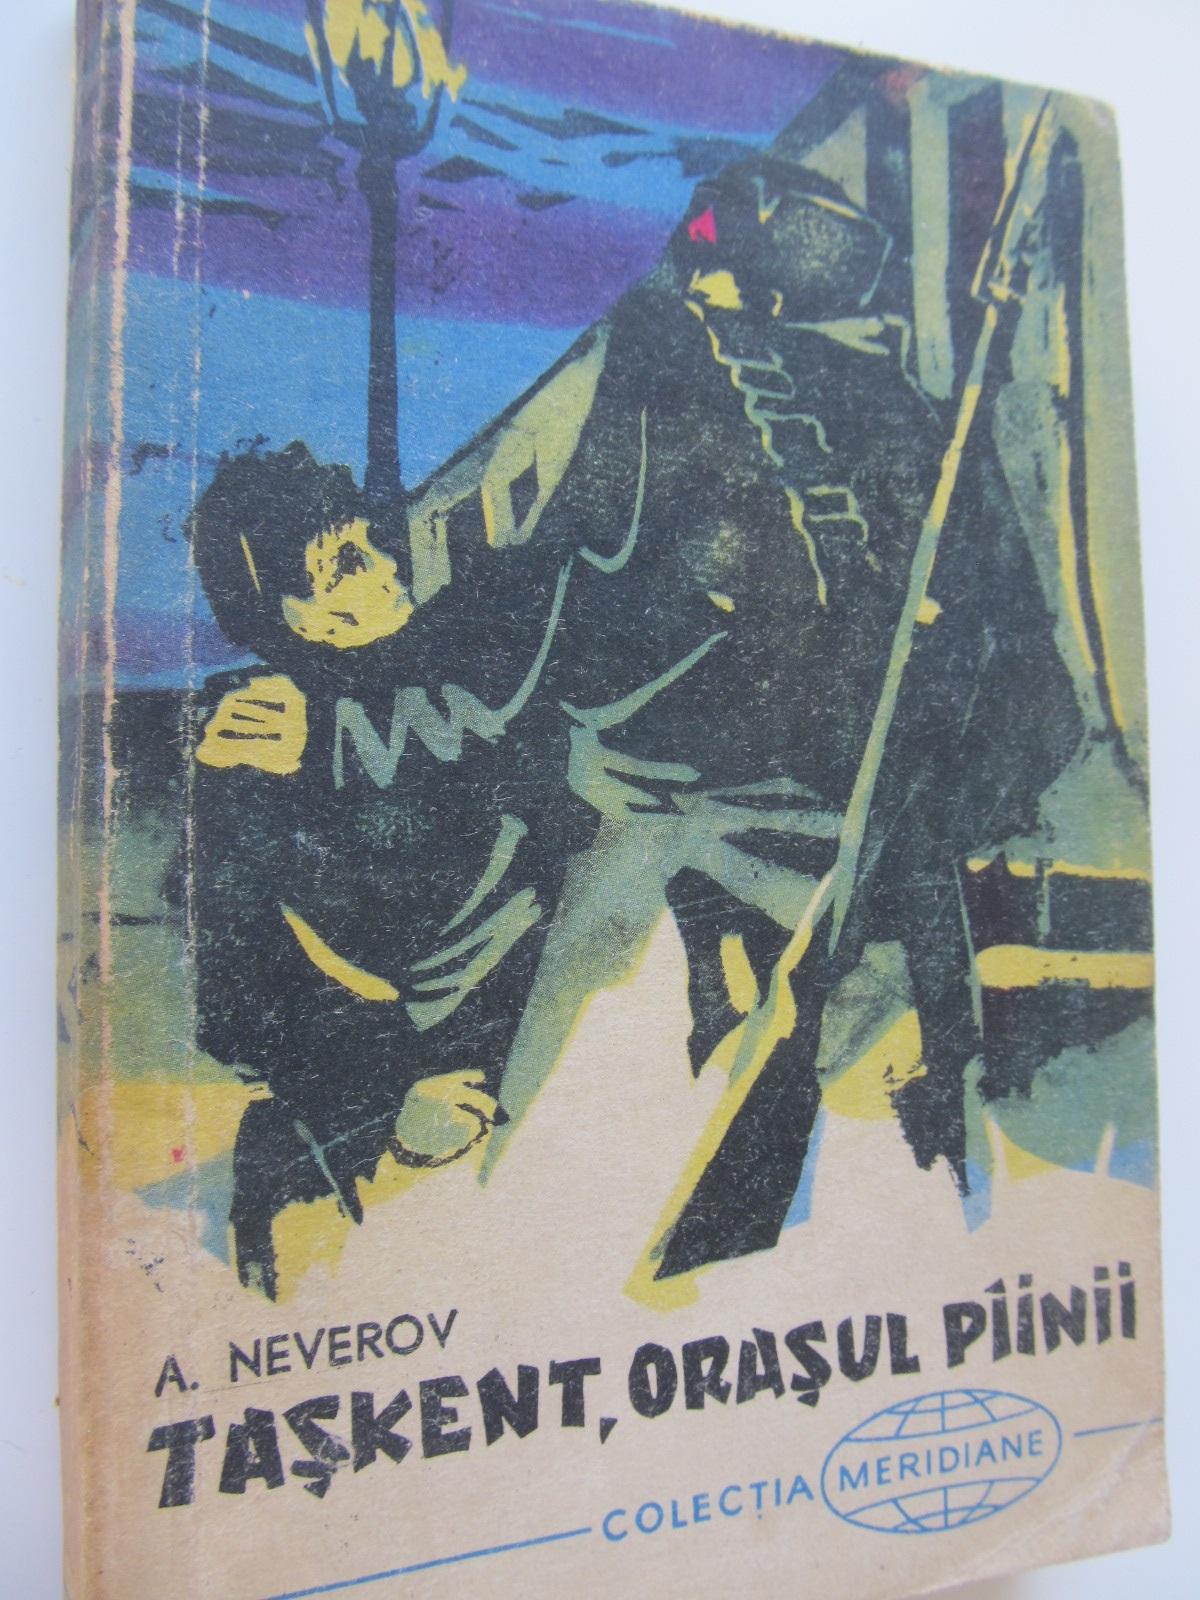 Taskent orasul painii - A. Neverov | Detalii carte